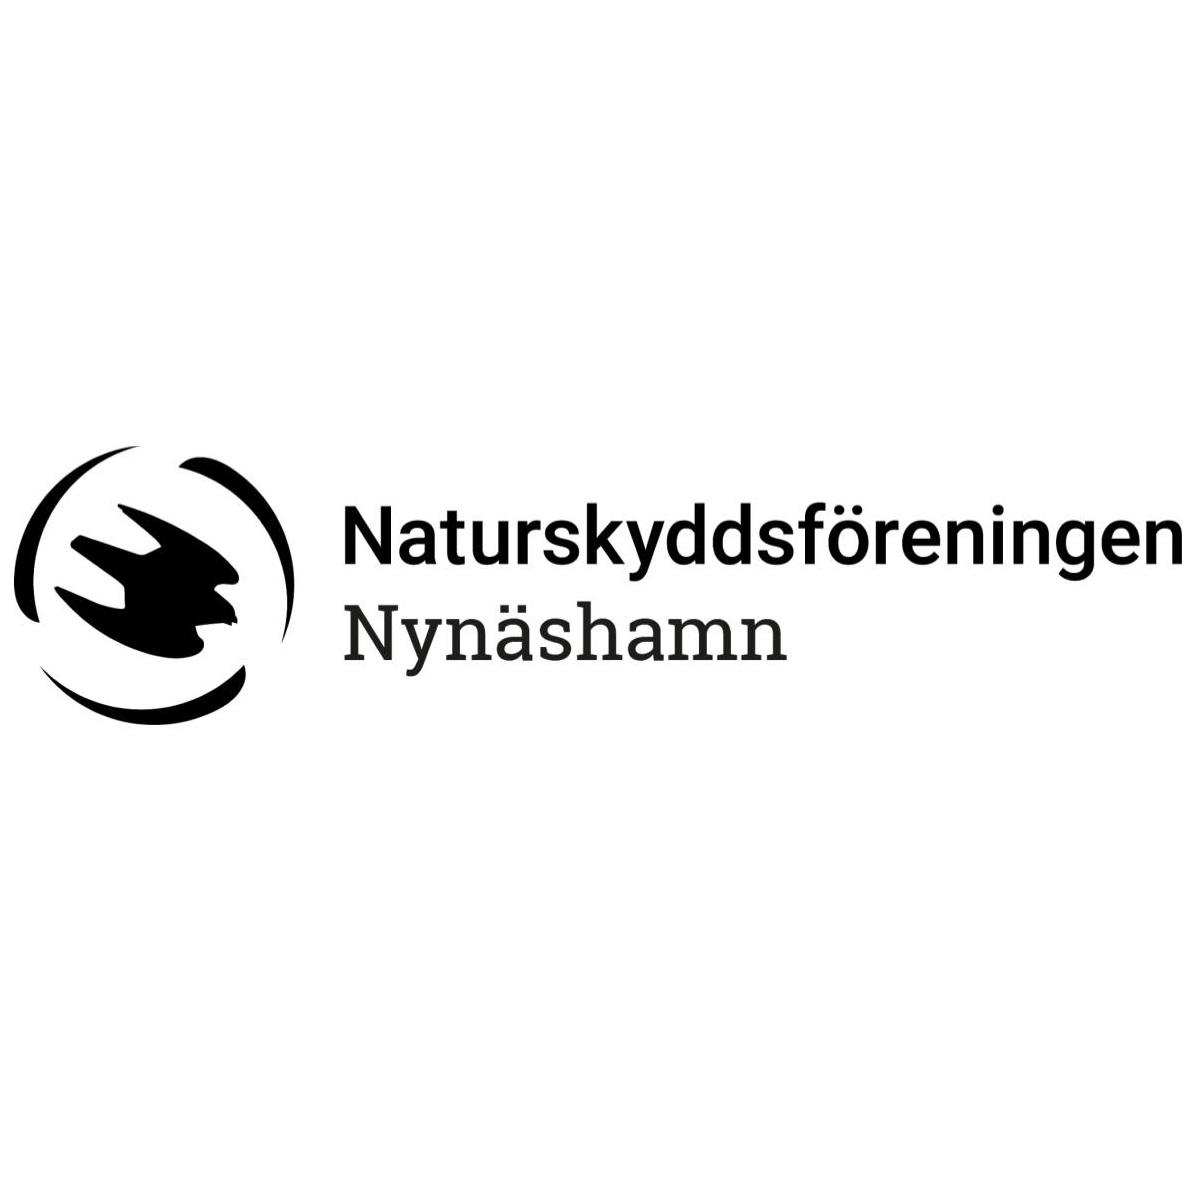 2018-01-04 - Naturskyddsföreningens yttrande angående transportvillkor för hamn i 'Norvik' - Hamnen får inte tas i bruk på ett sätt som skulle leda till ökad lastbilstrafik på väg 225 innan väg 225 har stängts av från genomfart av tung trafik.